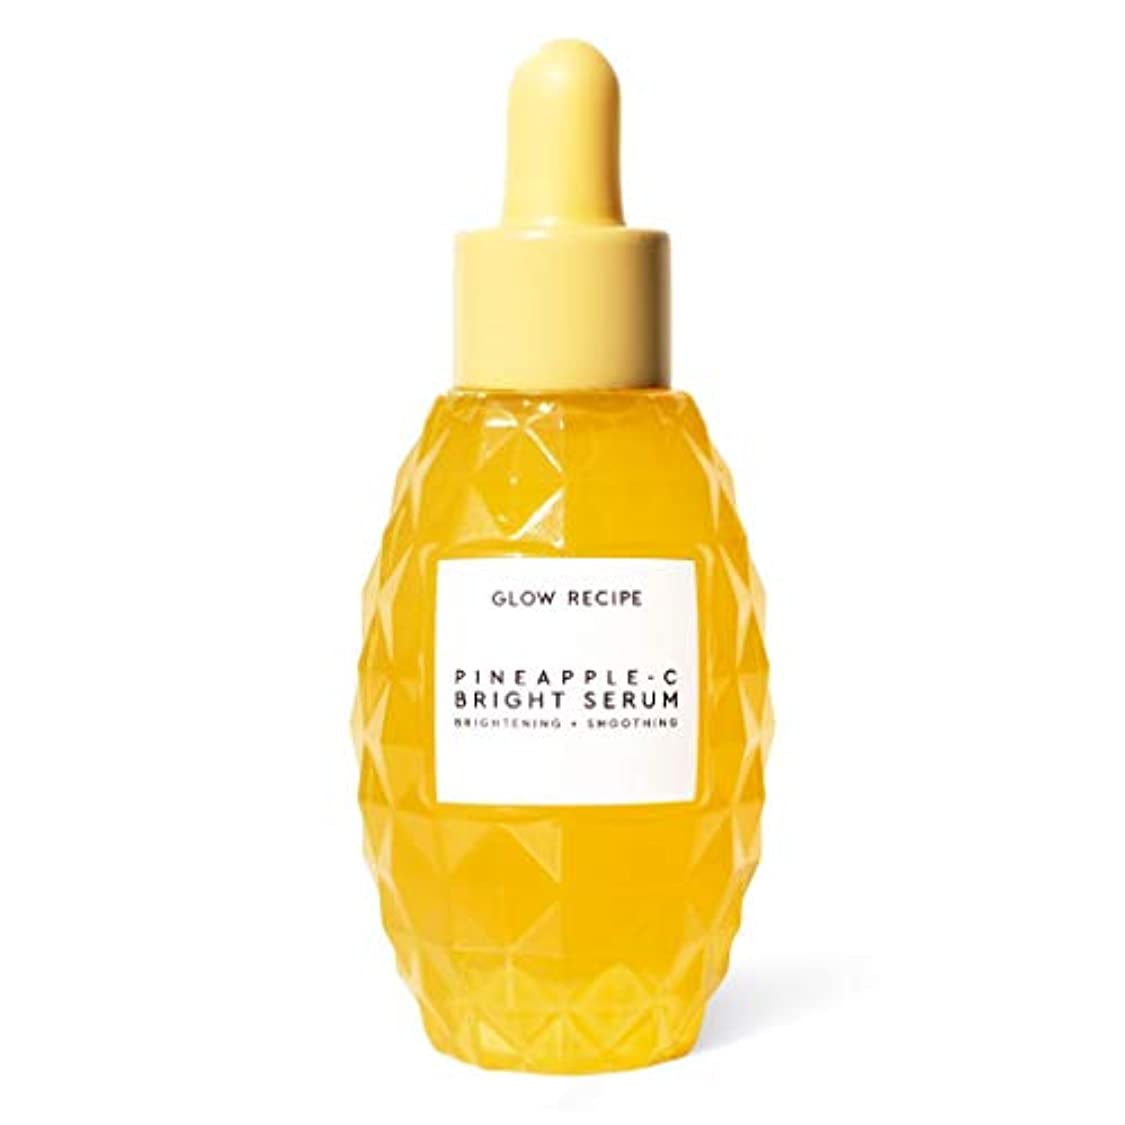 制限されたひも相対的Glow Recipe Pineapple-C Brightening Serum 1 Fl. Oz/ 30ml グロウレシピ パイナップル シー ブライト二ング セラム